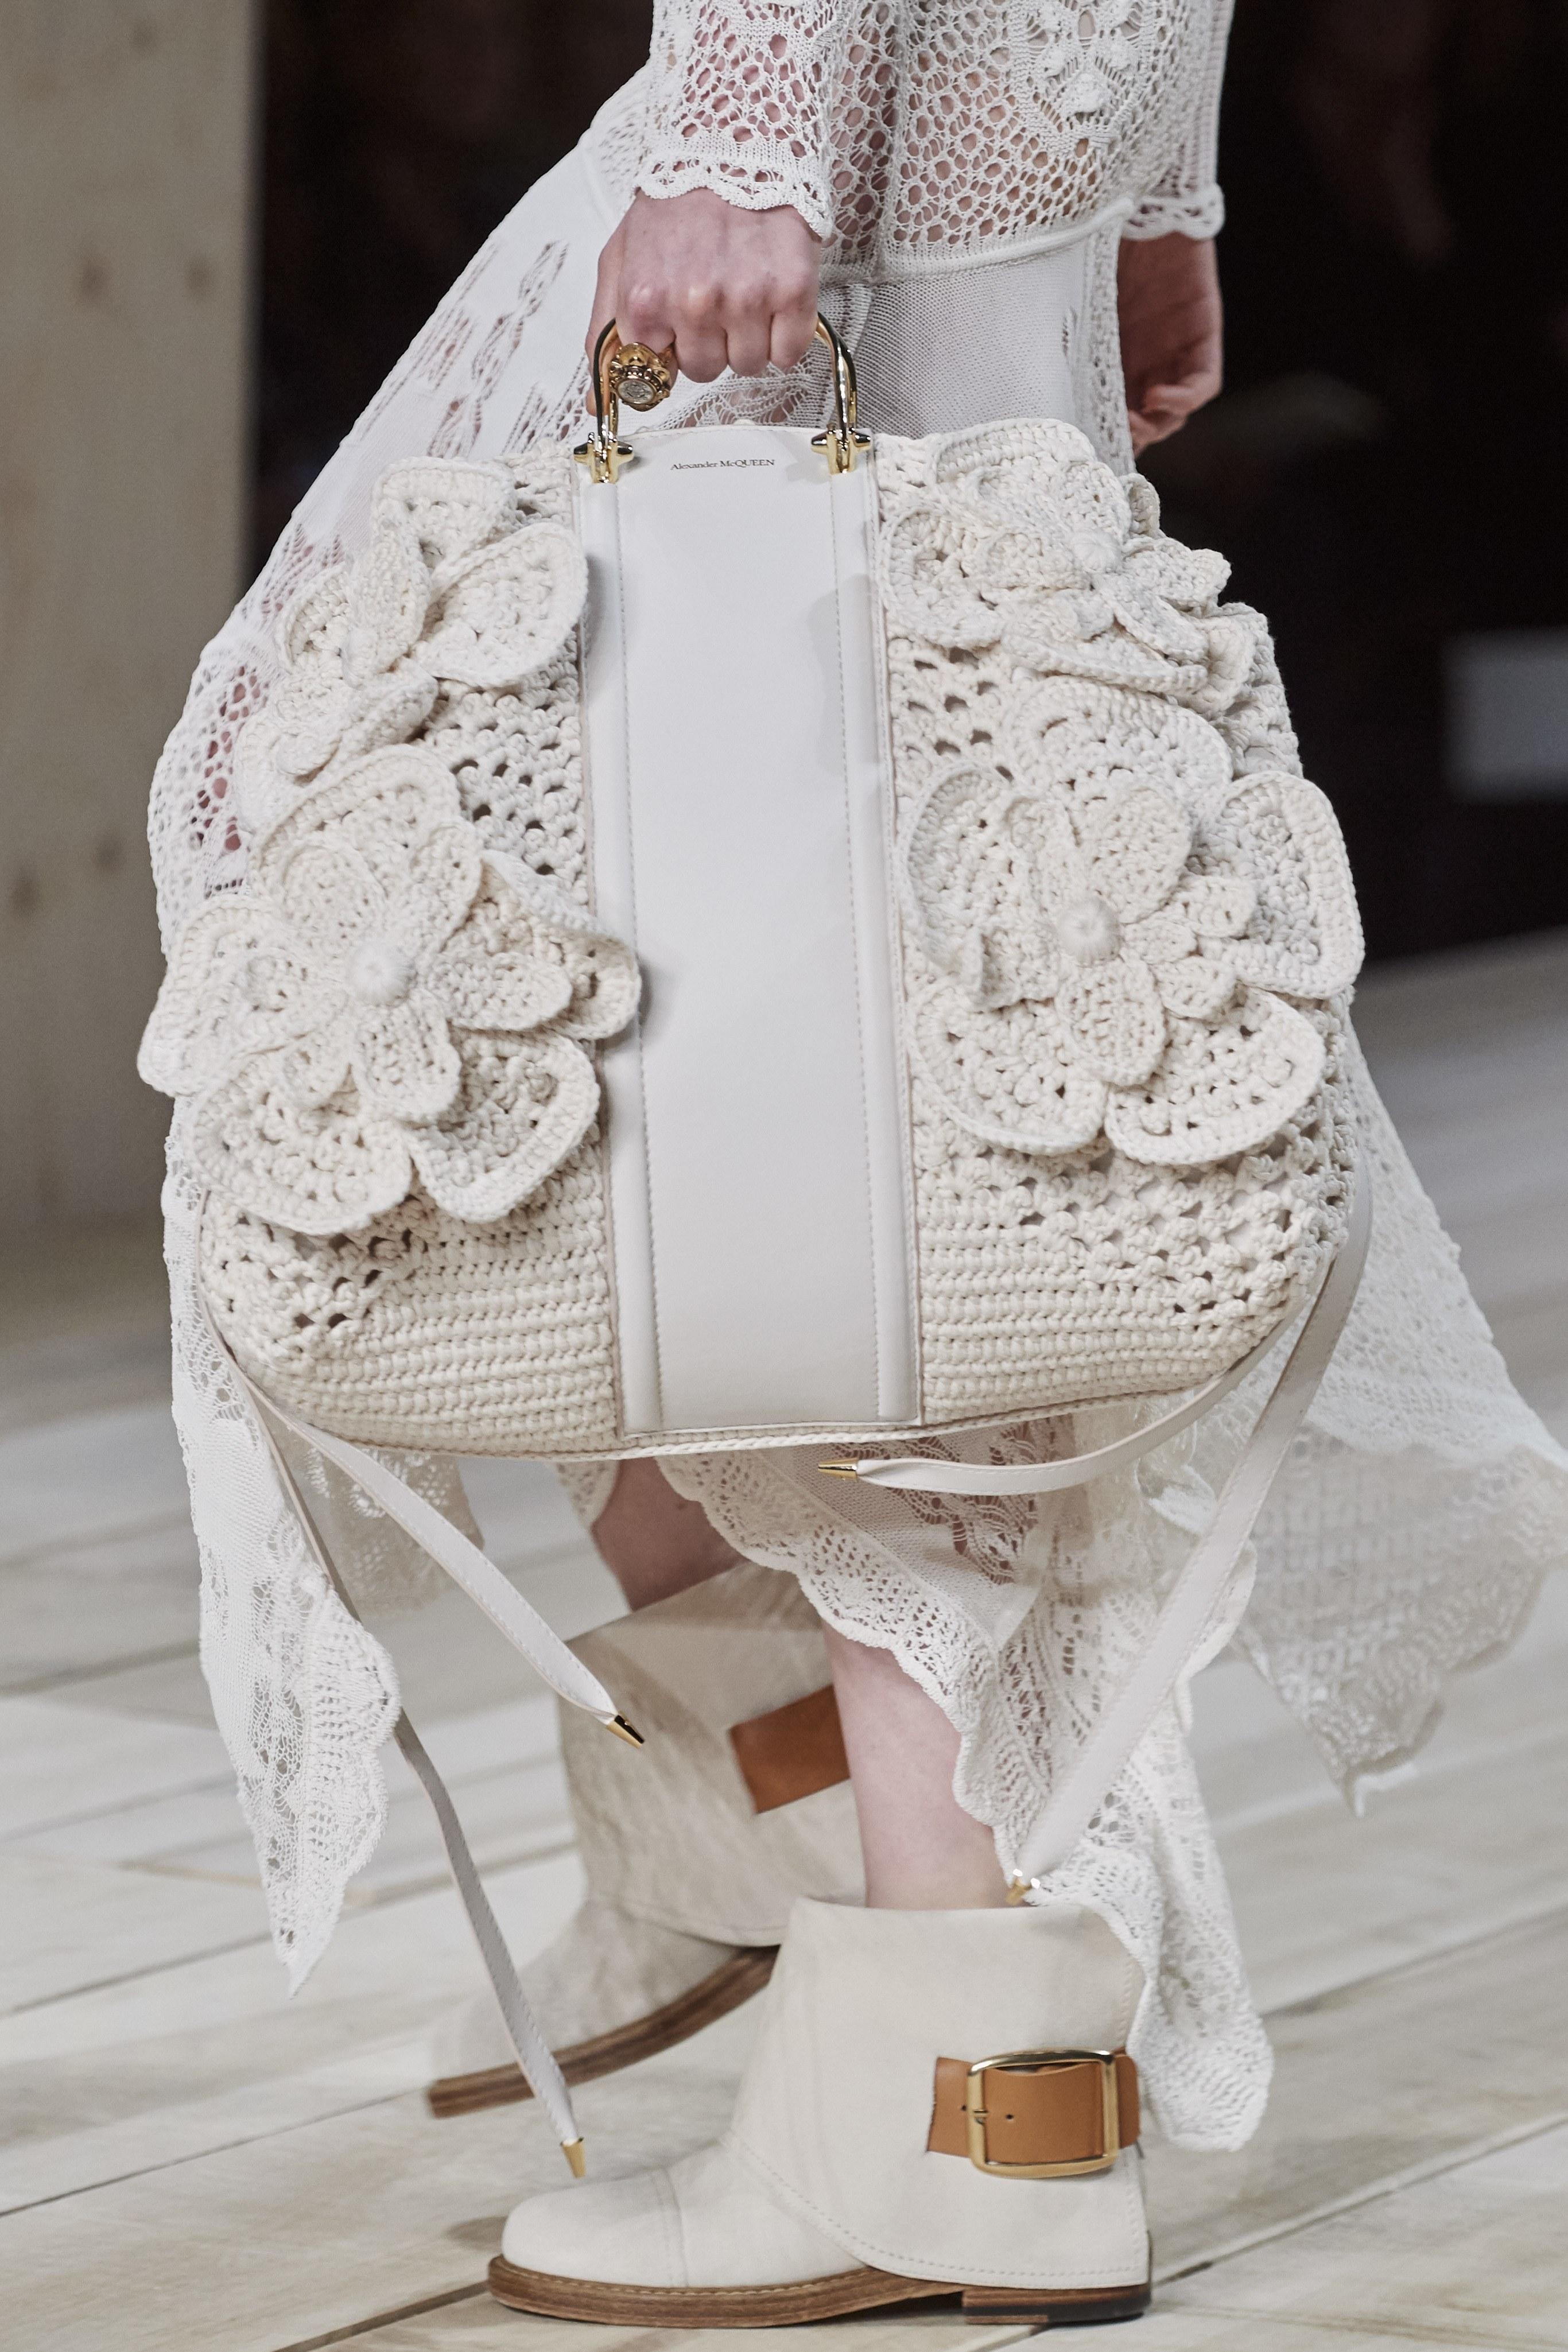 Túi đan móc cỡ đại trong BST Alexander McQueen Xuân - Hè 2020